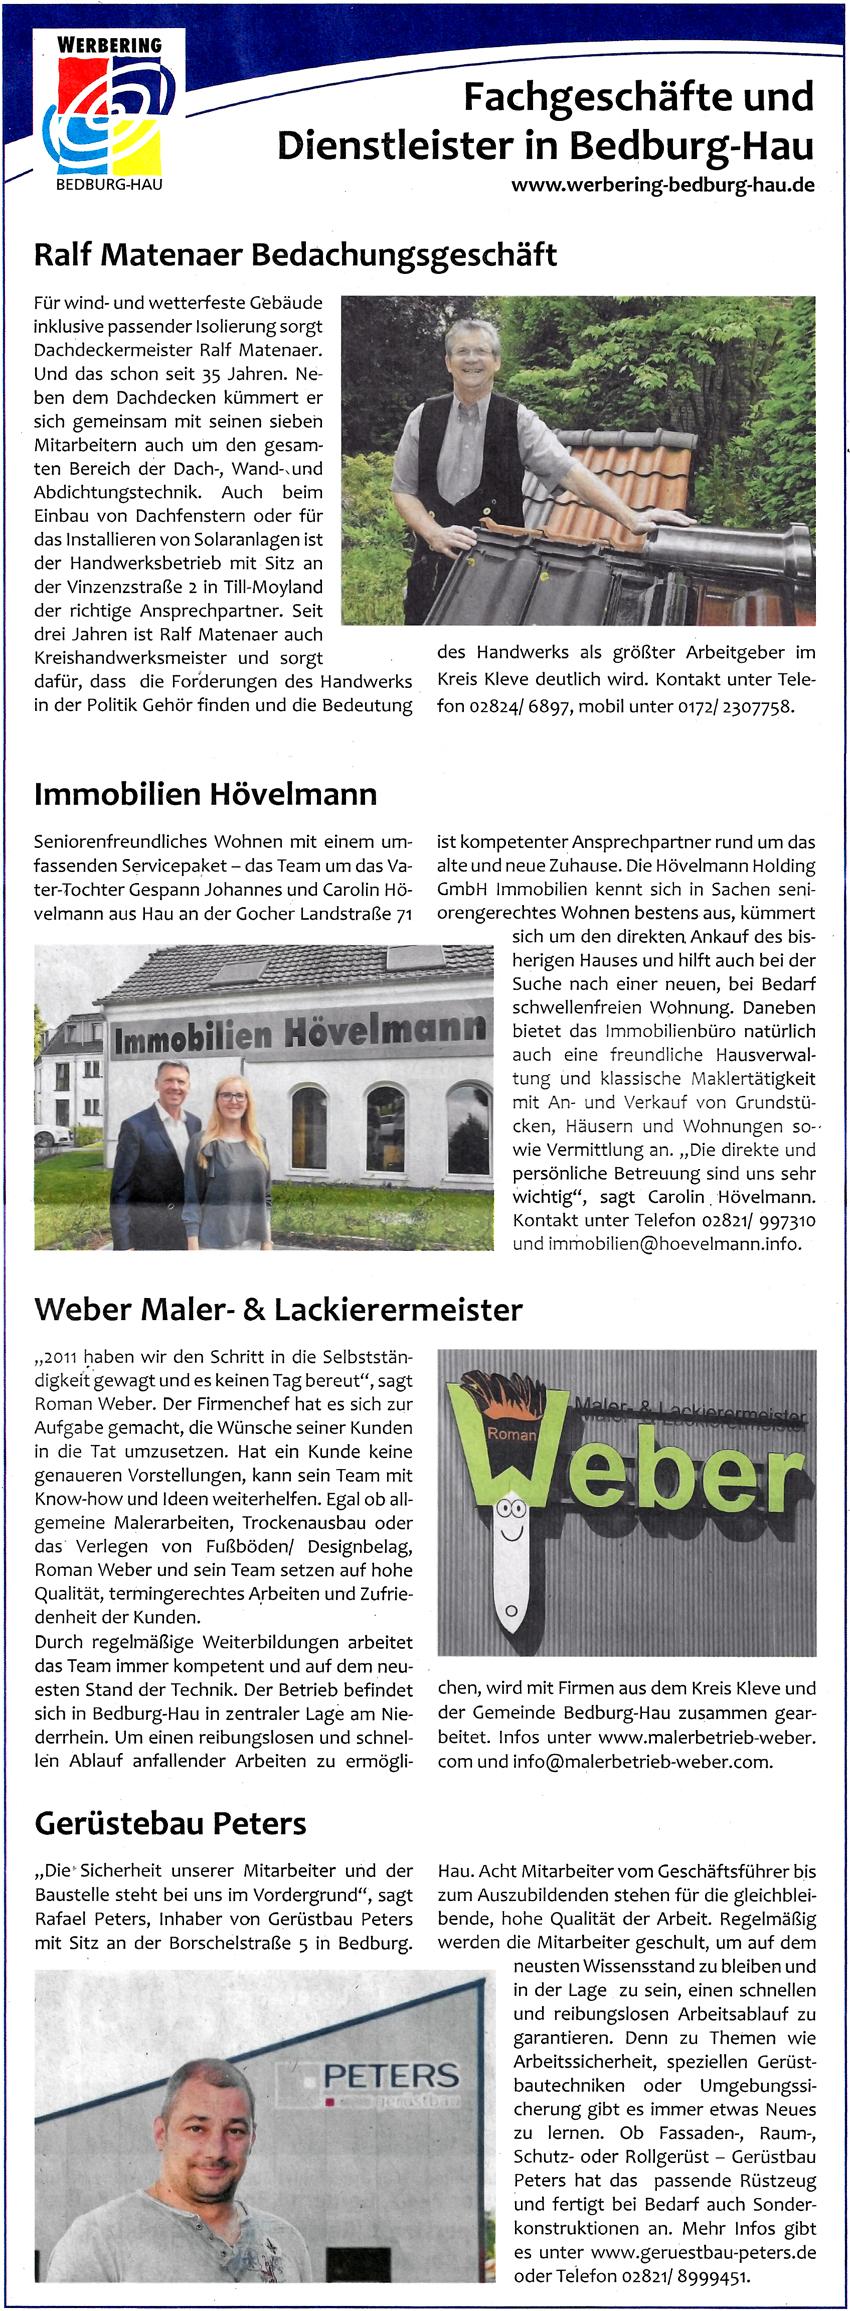 3. Teil der Firmenvorstellungen der Mitglieder des Werbering Bedburg-Hau.